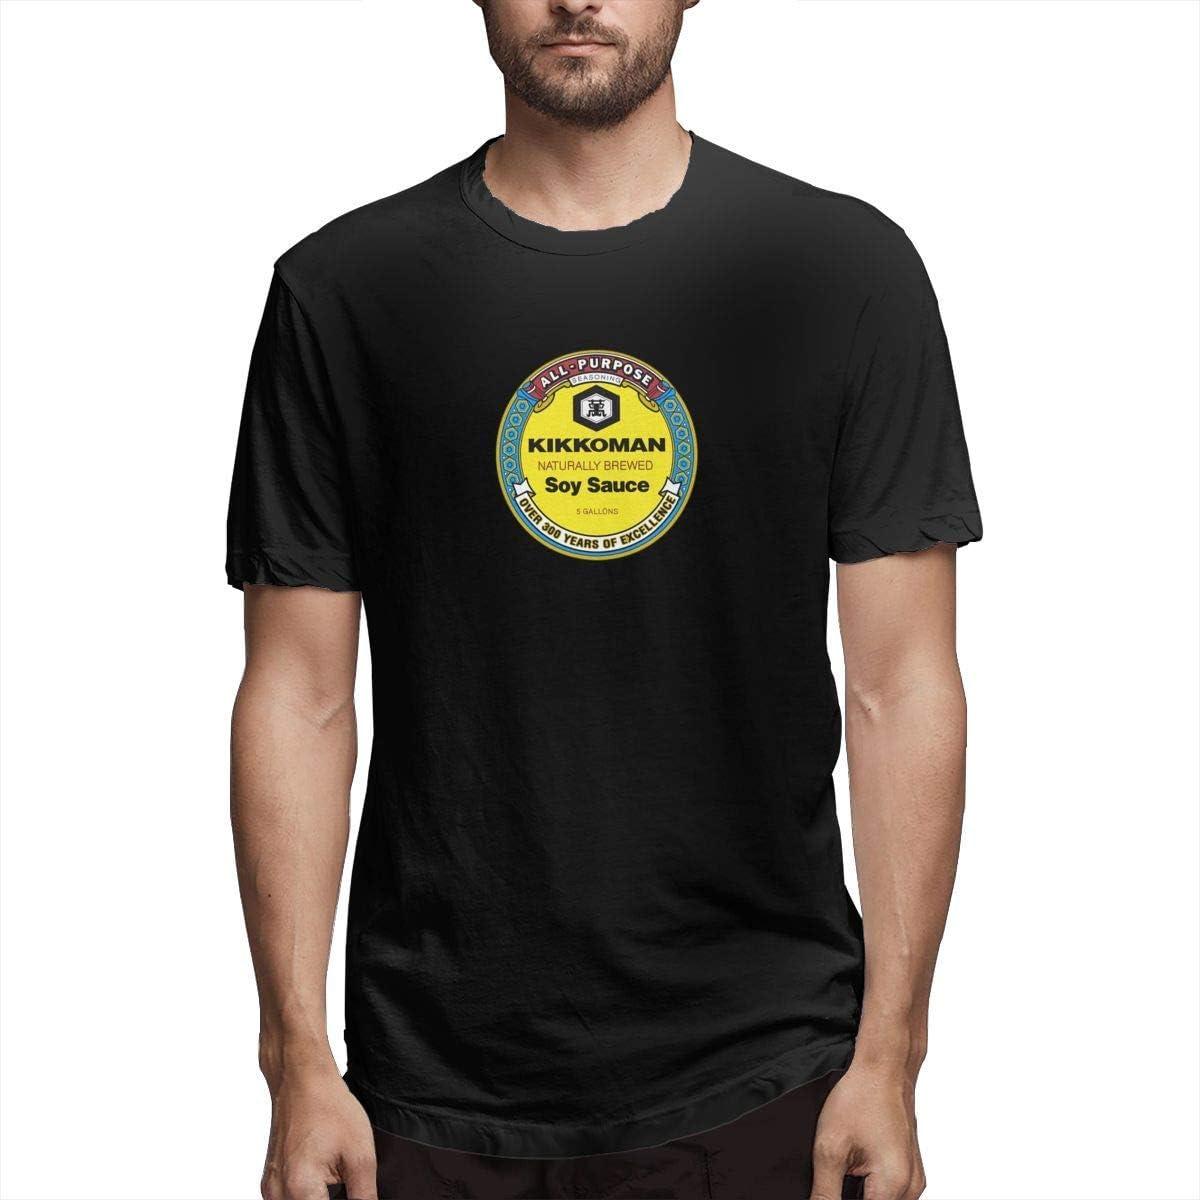 Camisa Vintage Retro Multiusos-Kikkoman-Salsa de Soja: Amazon.es: Ropa y accesorios